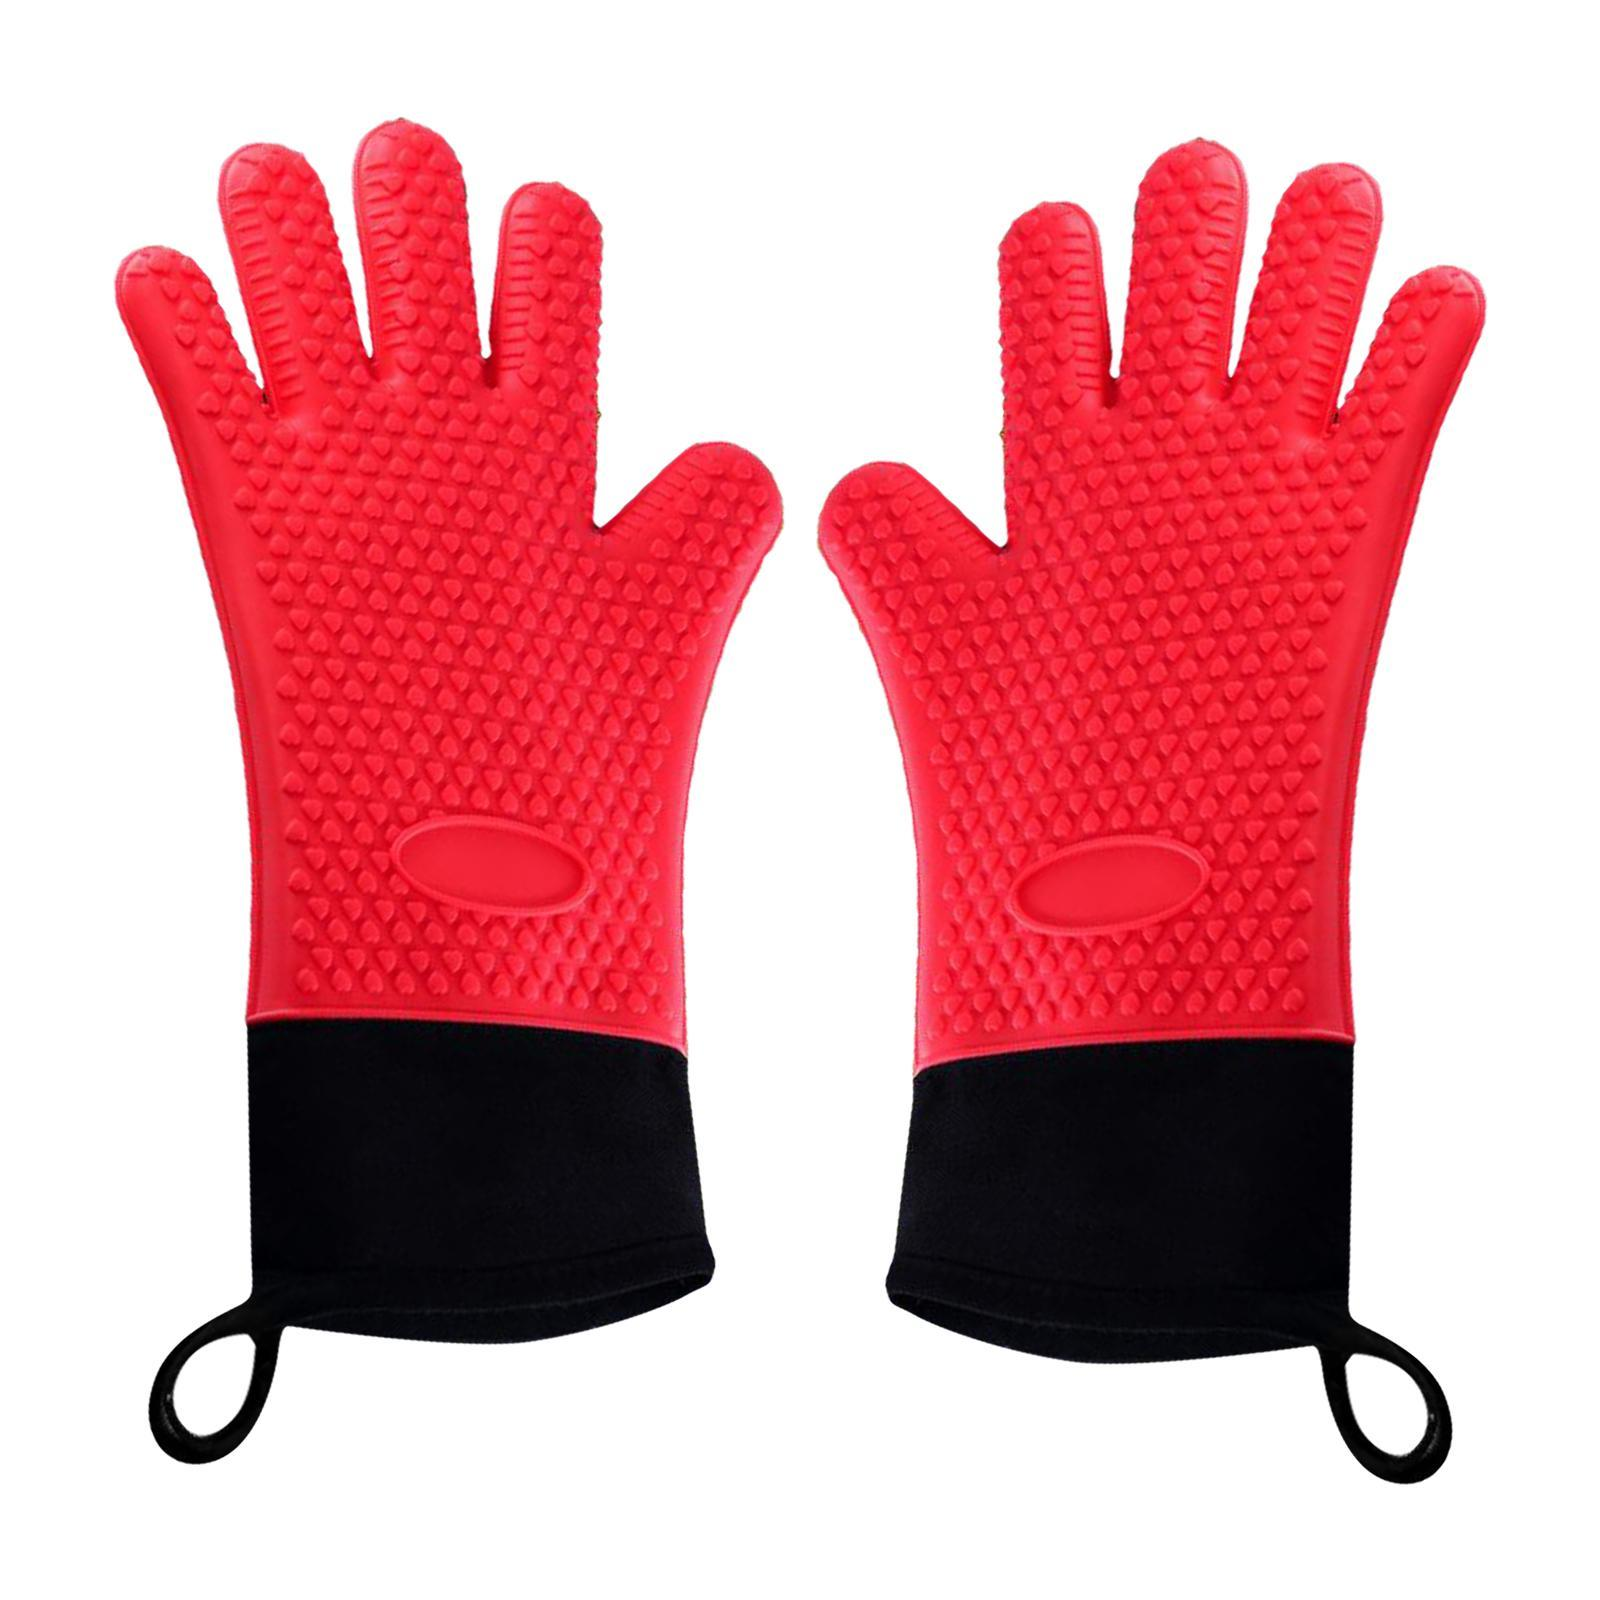 Guantes-para-horno-de-cocina-con-aislamiento-de-silicona-antideslizantes-guantes miniatura 12